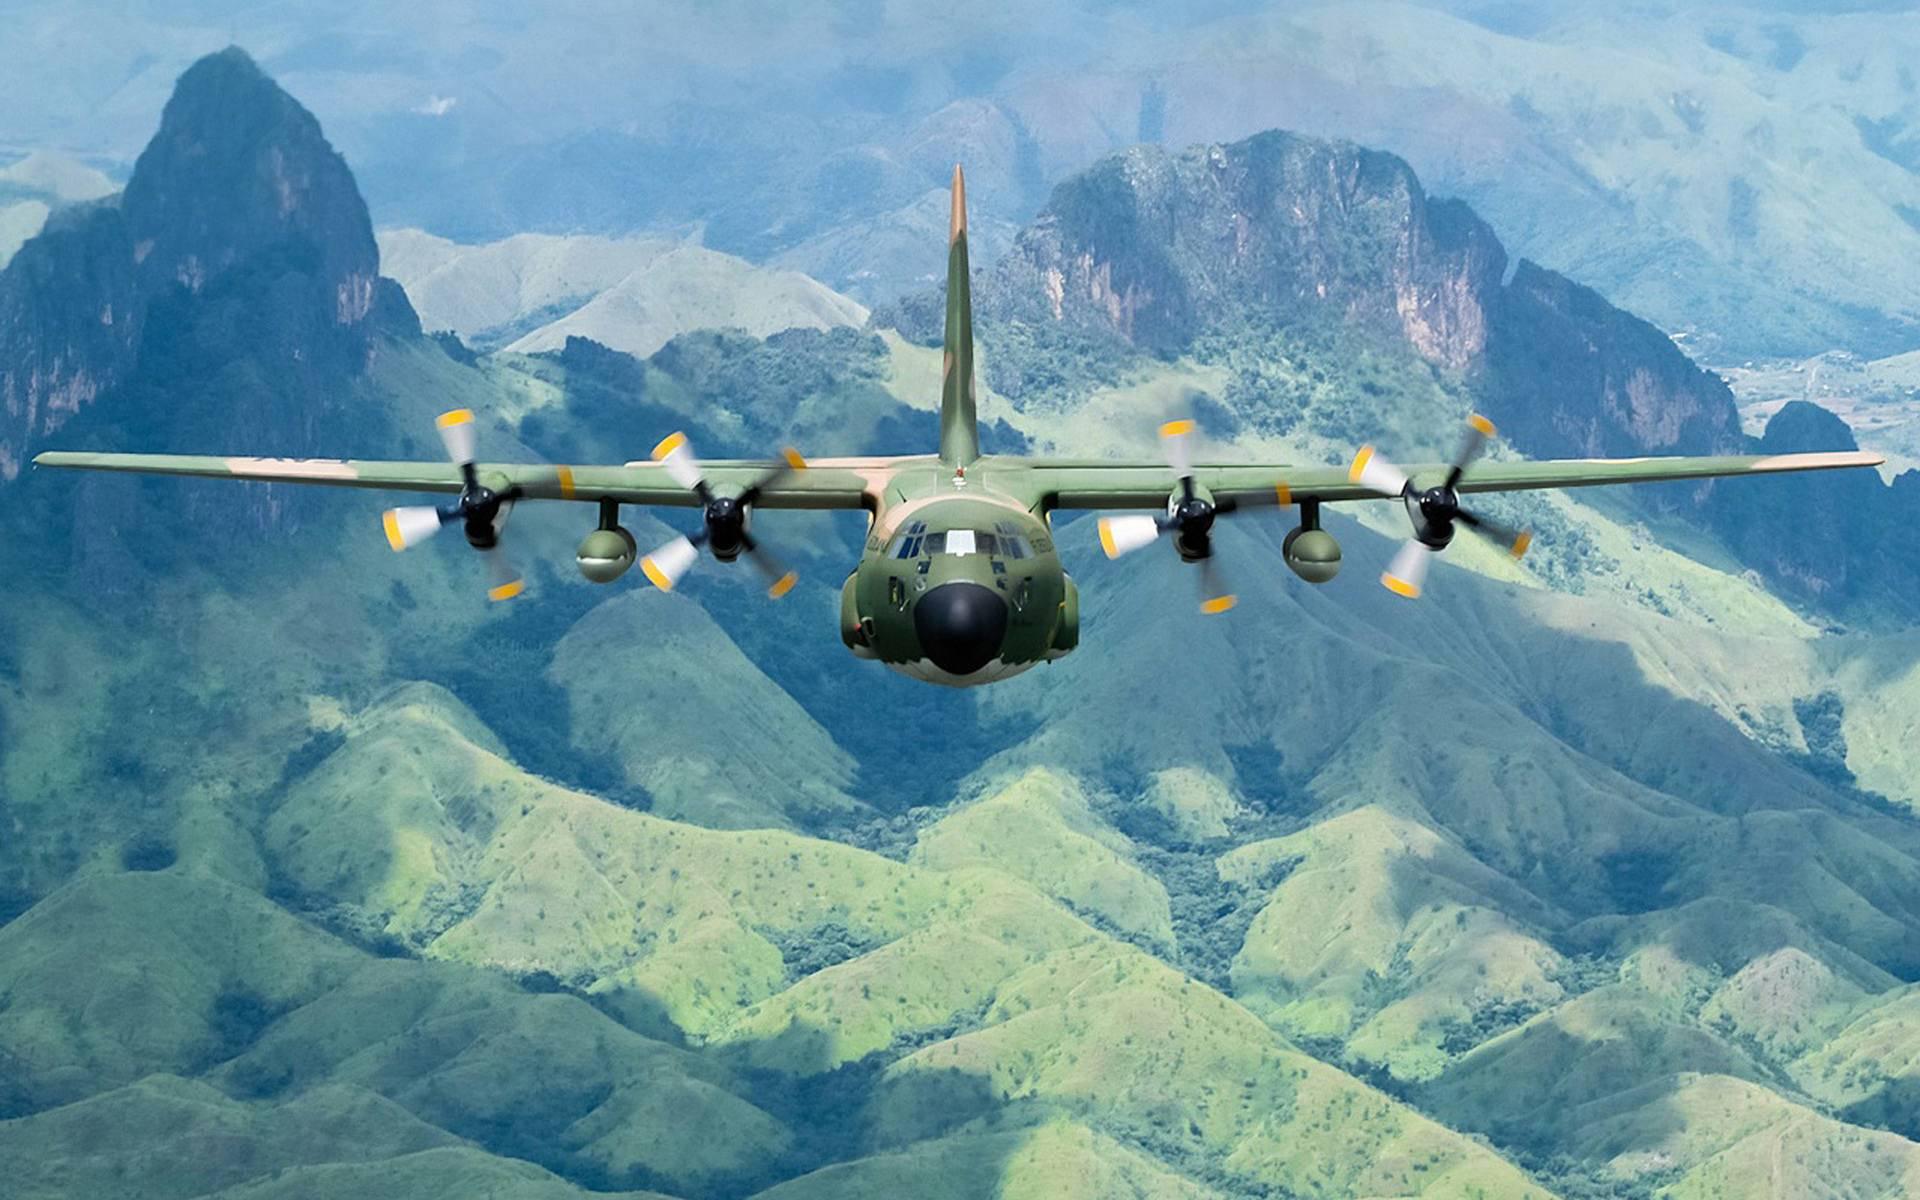 http://1.bp.blogspot.com/-CXZbvAhBg3I/T5LRSSGpyxI/AAAAAAAAIzU/JtaPhMp4xjk/s1920/c-130-airplane-wallpaper.jpg